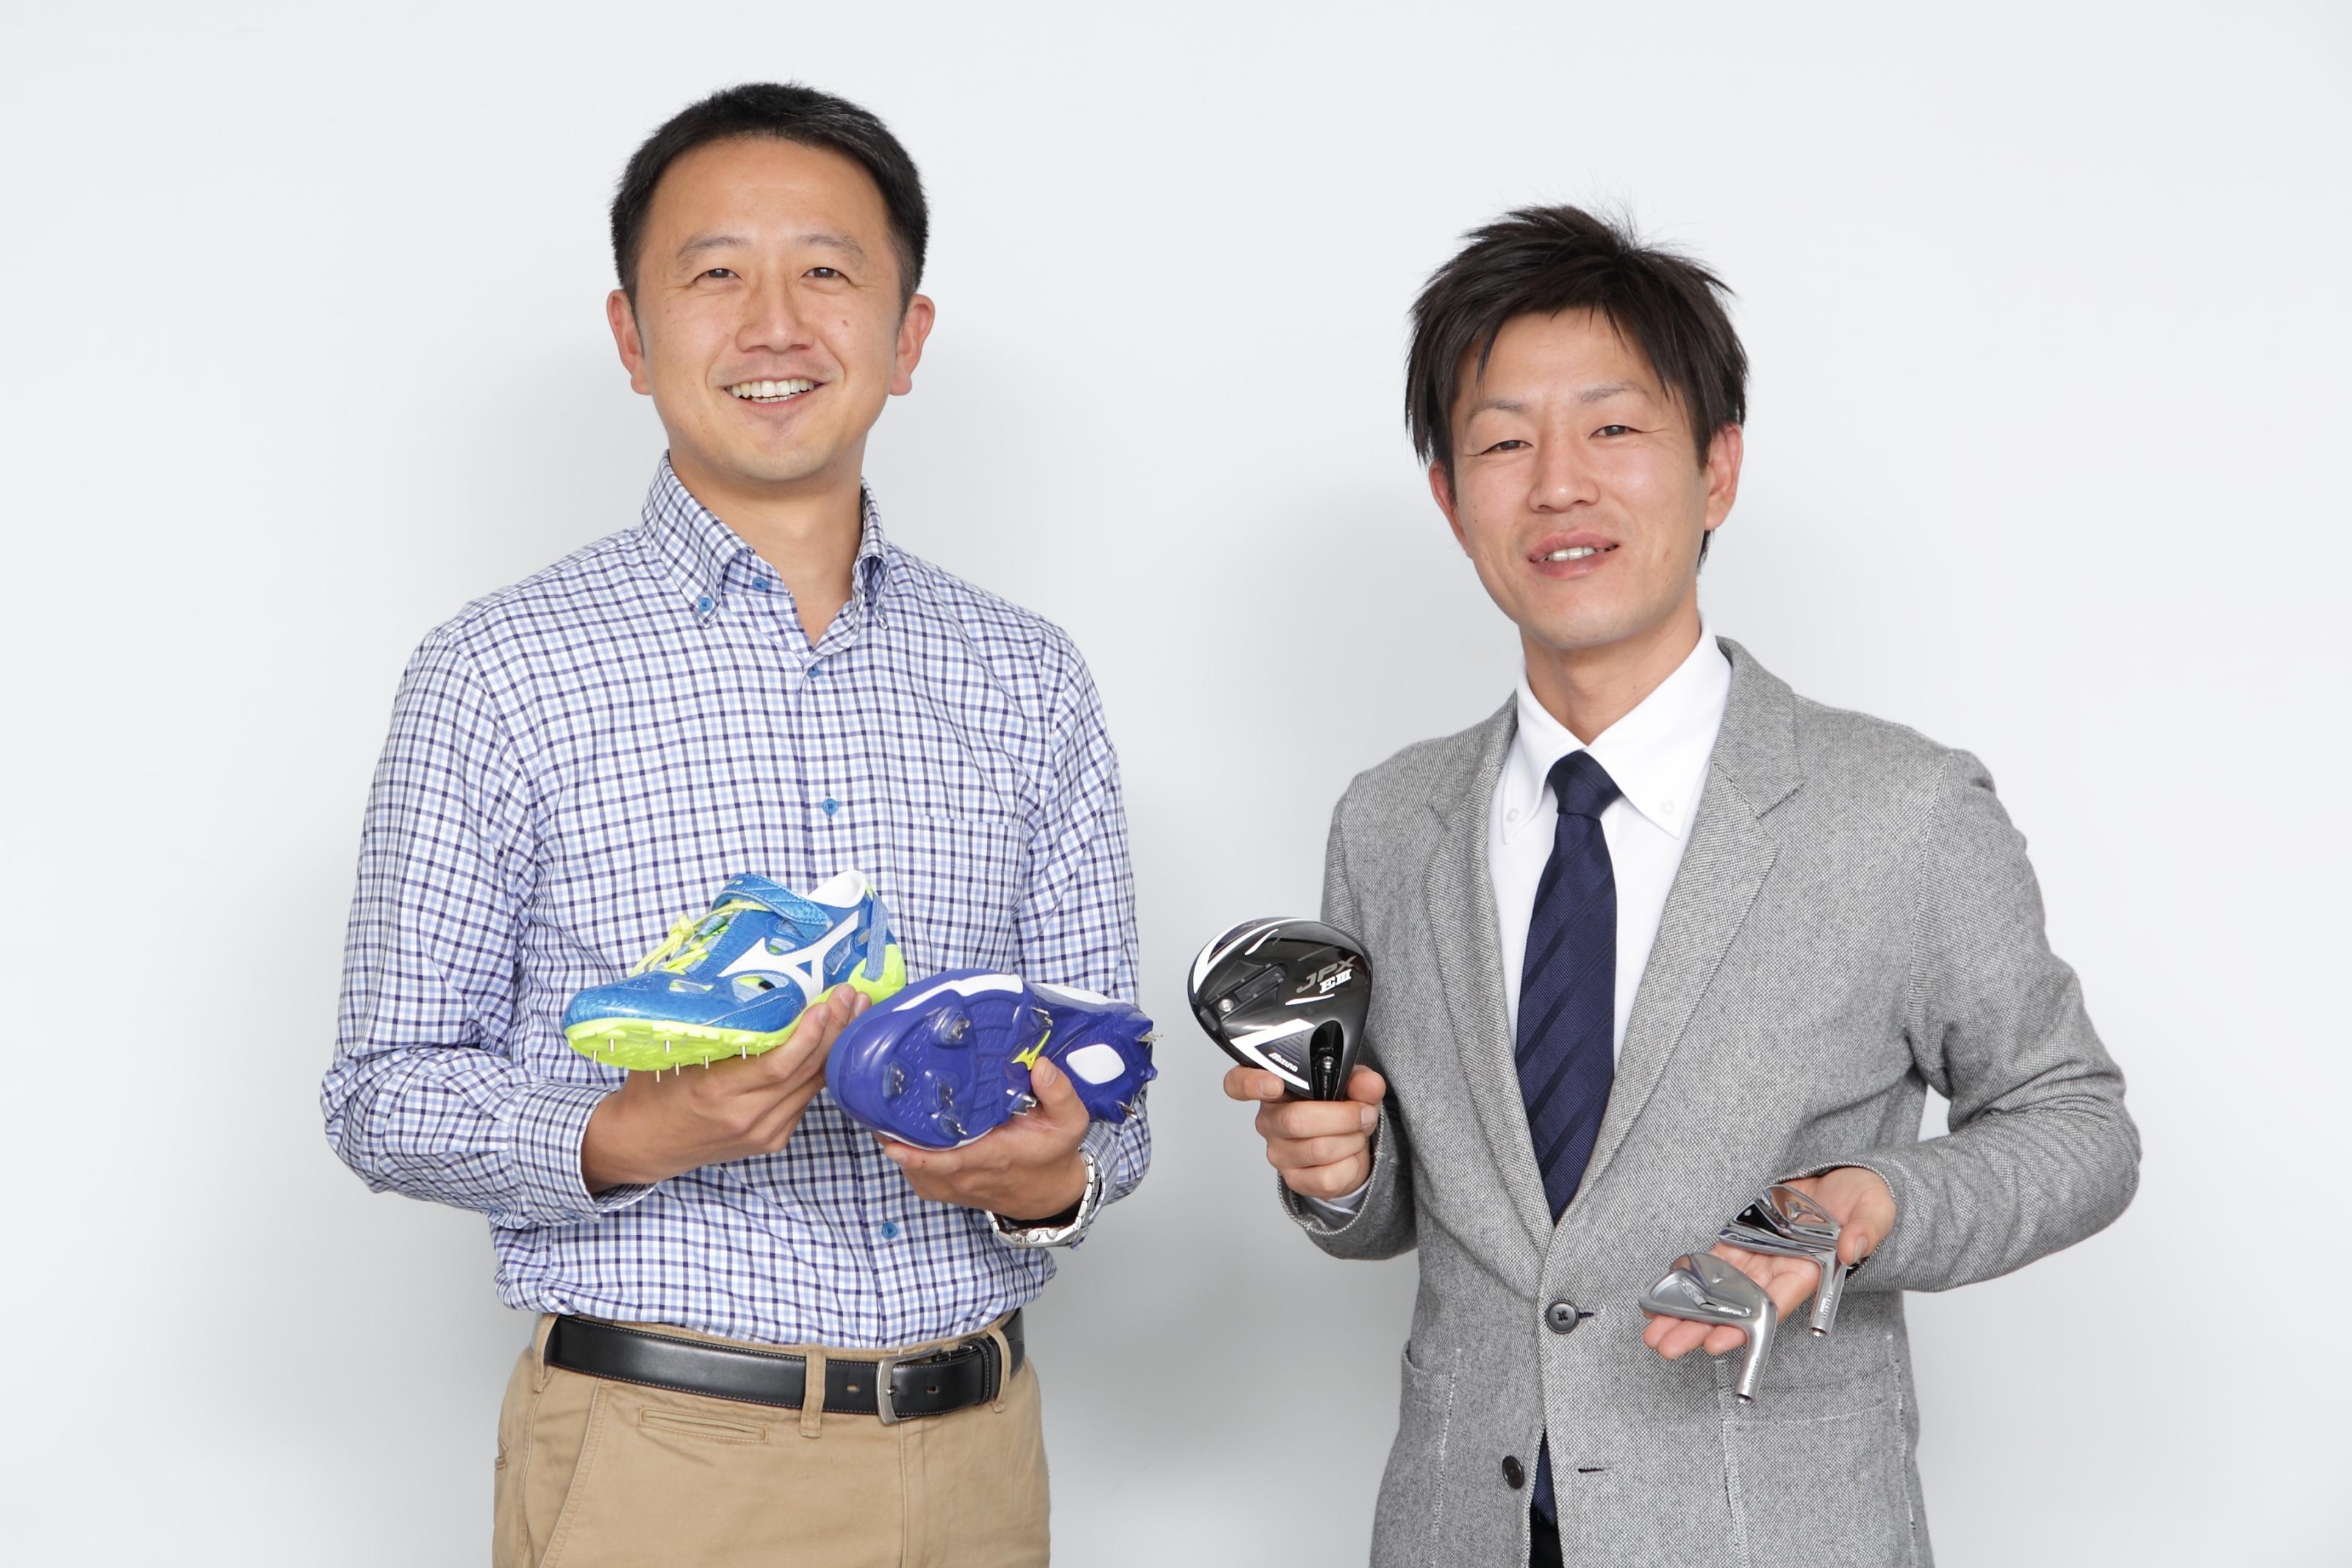 ミズノ株式会社 PTC Creo導入事例 ミズノ株式会社の伊藤氏(左)と土井氏(右)